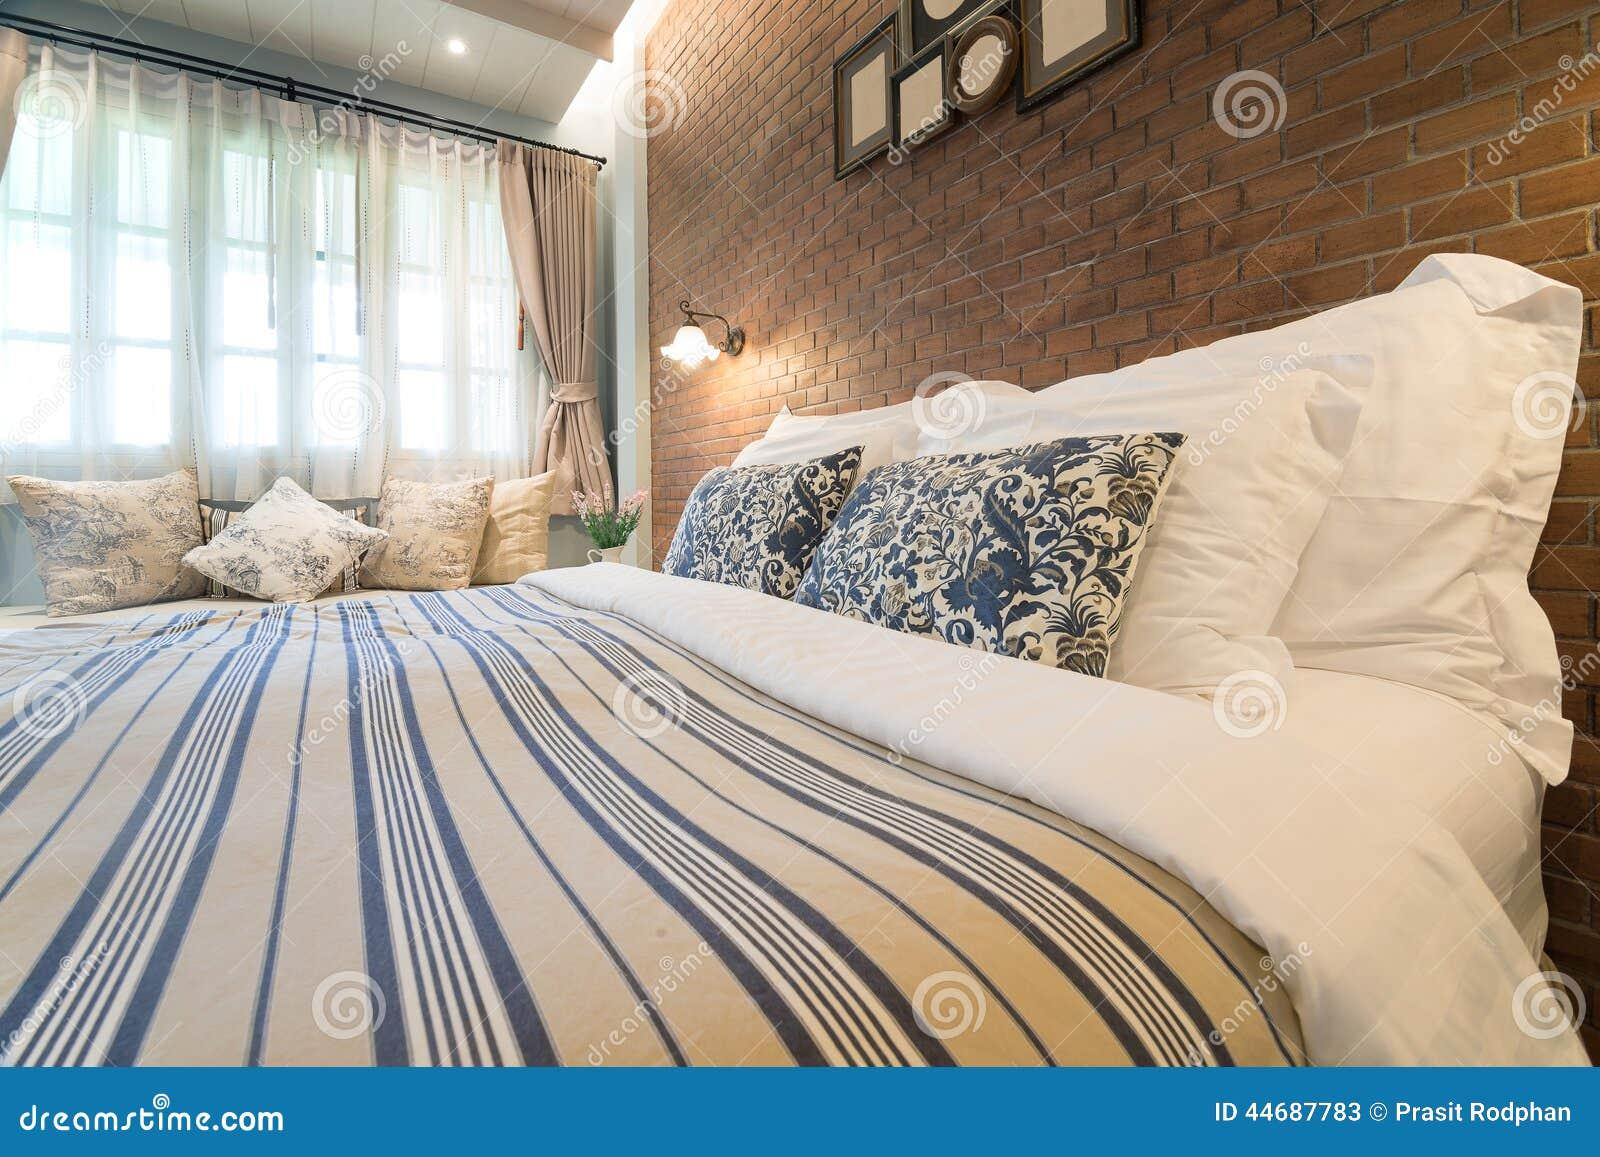 großes englisch-Ähnliches landschaft schlafzimmer stockfoto - bild